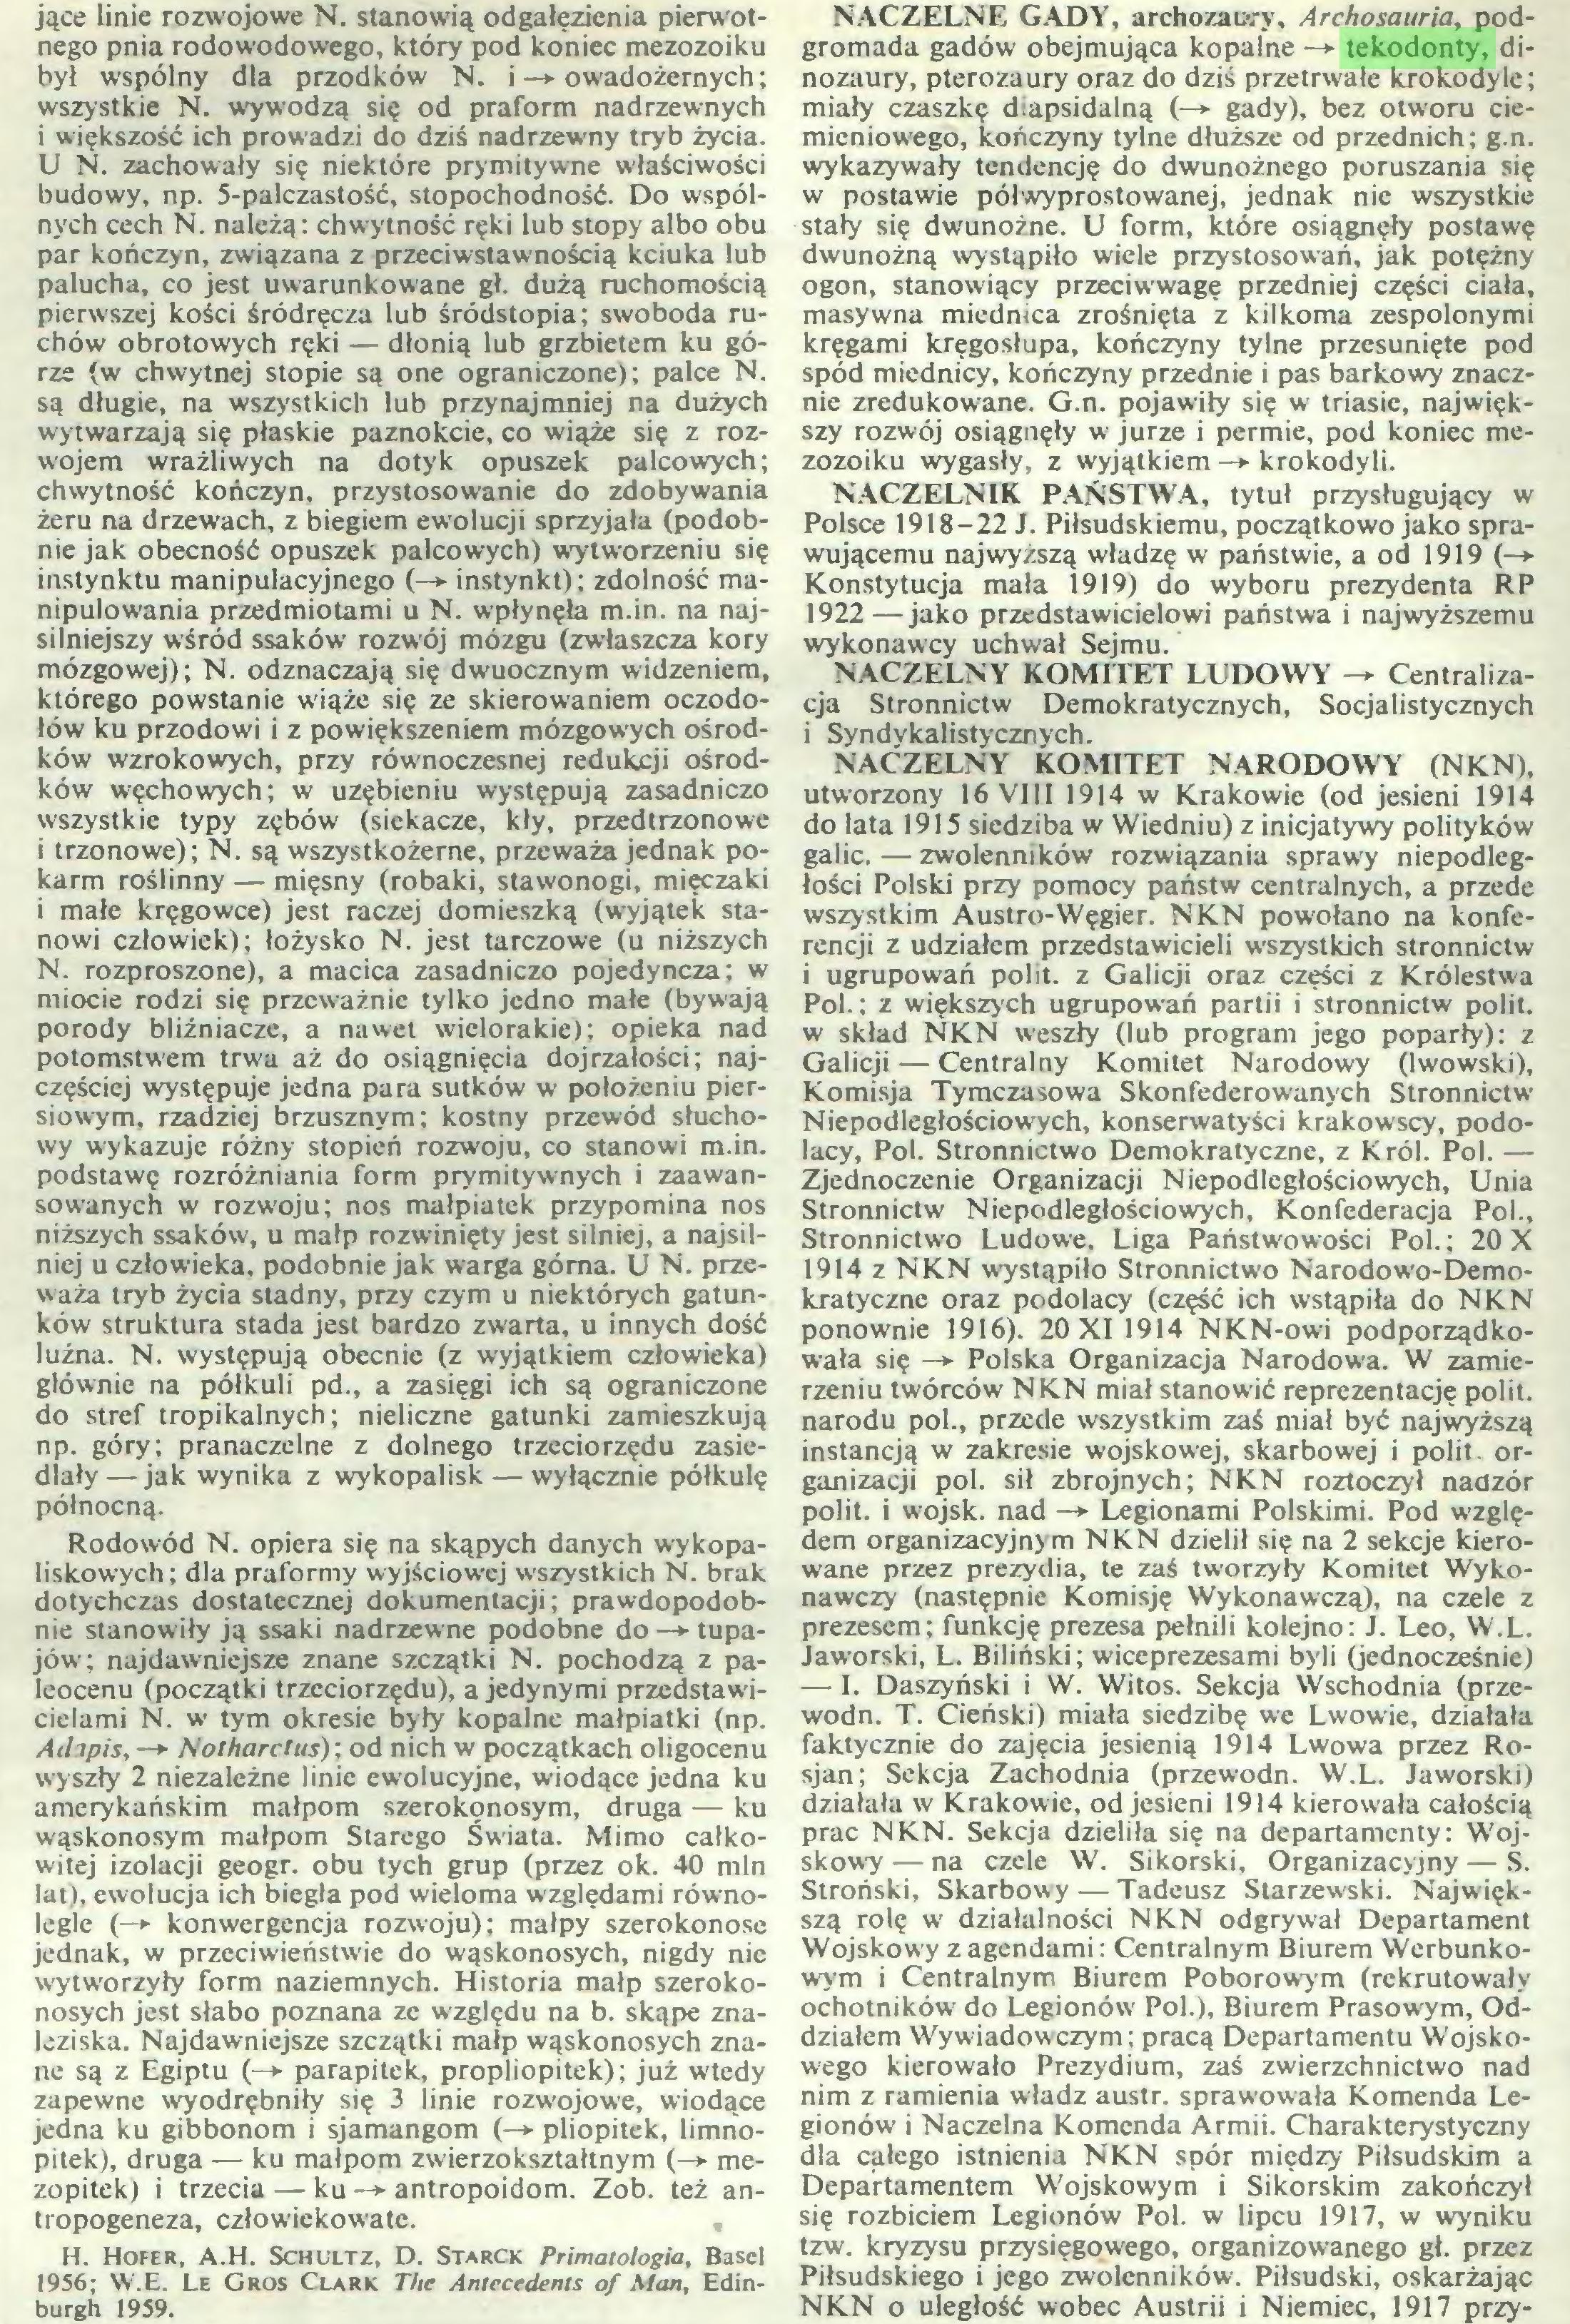 (...) H. Hofer, A.H. Schultz, D. StarCK Primatologia, Basel 1956; W.E. Le Gros Clark The Antecedents of Man, Edinburgh 1959. NACZELNE GADY, archozau-.-y, Archosauria, podgromada gadów obejmująca kopalne —*• tekodonty, dinozaury, pterozaury oraz do dziś przetrwałe krokodyle; miały czaszkę diapsidalną (—*■ gady), bez otworu ciemieniowego, kończyny tylne dłuższe od przednich; g.n...